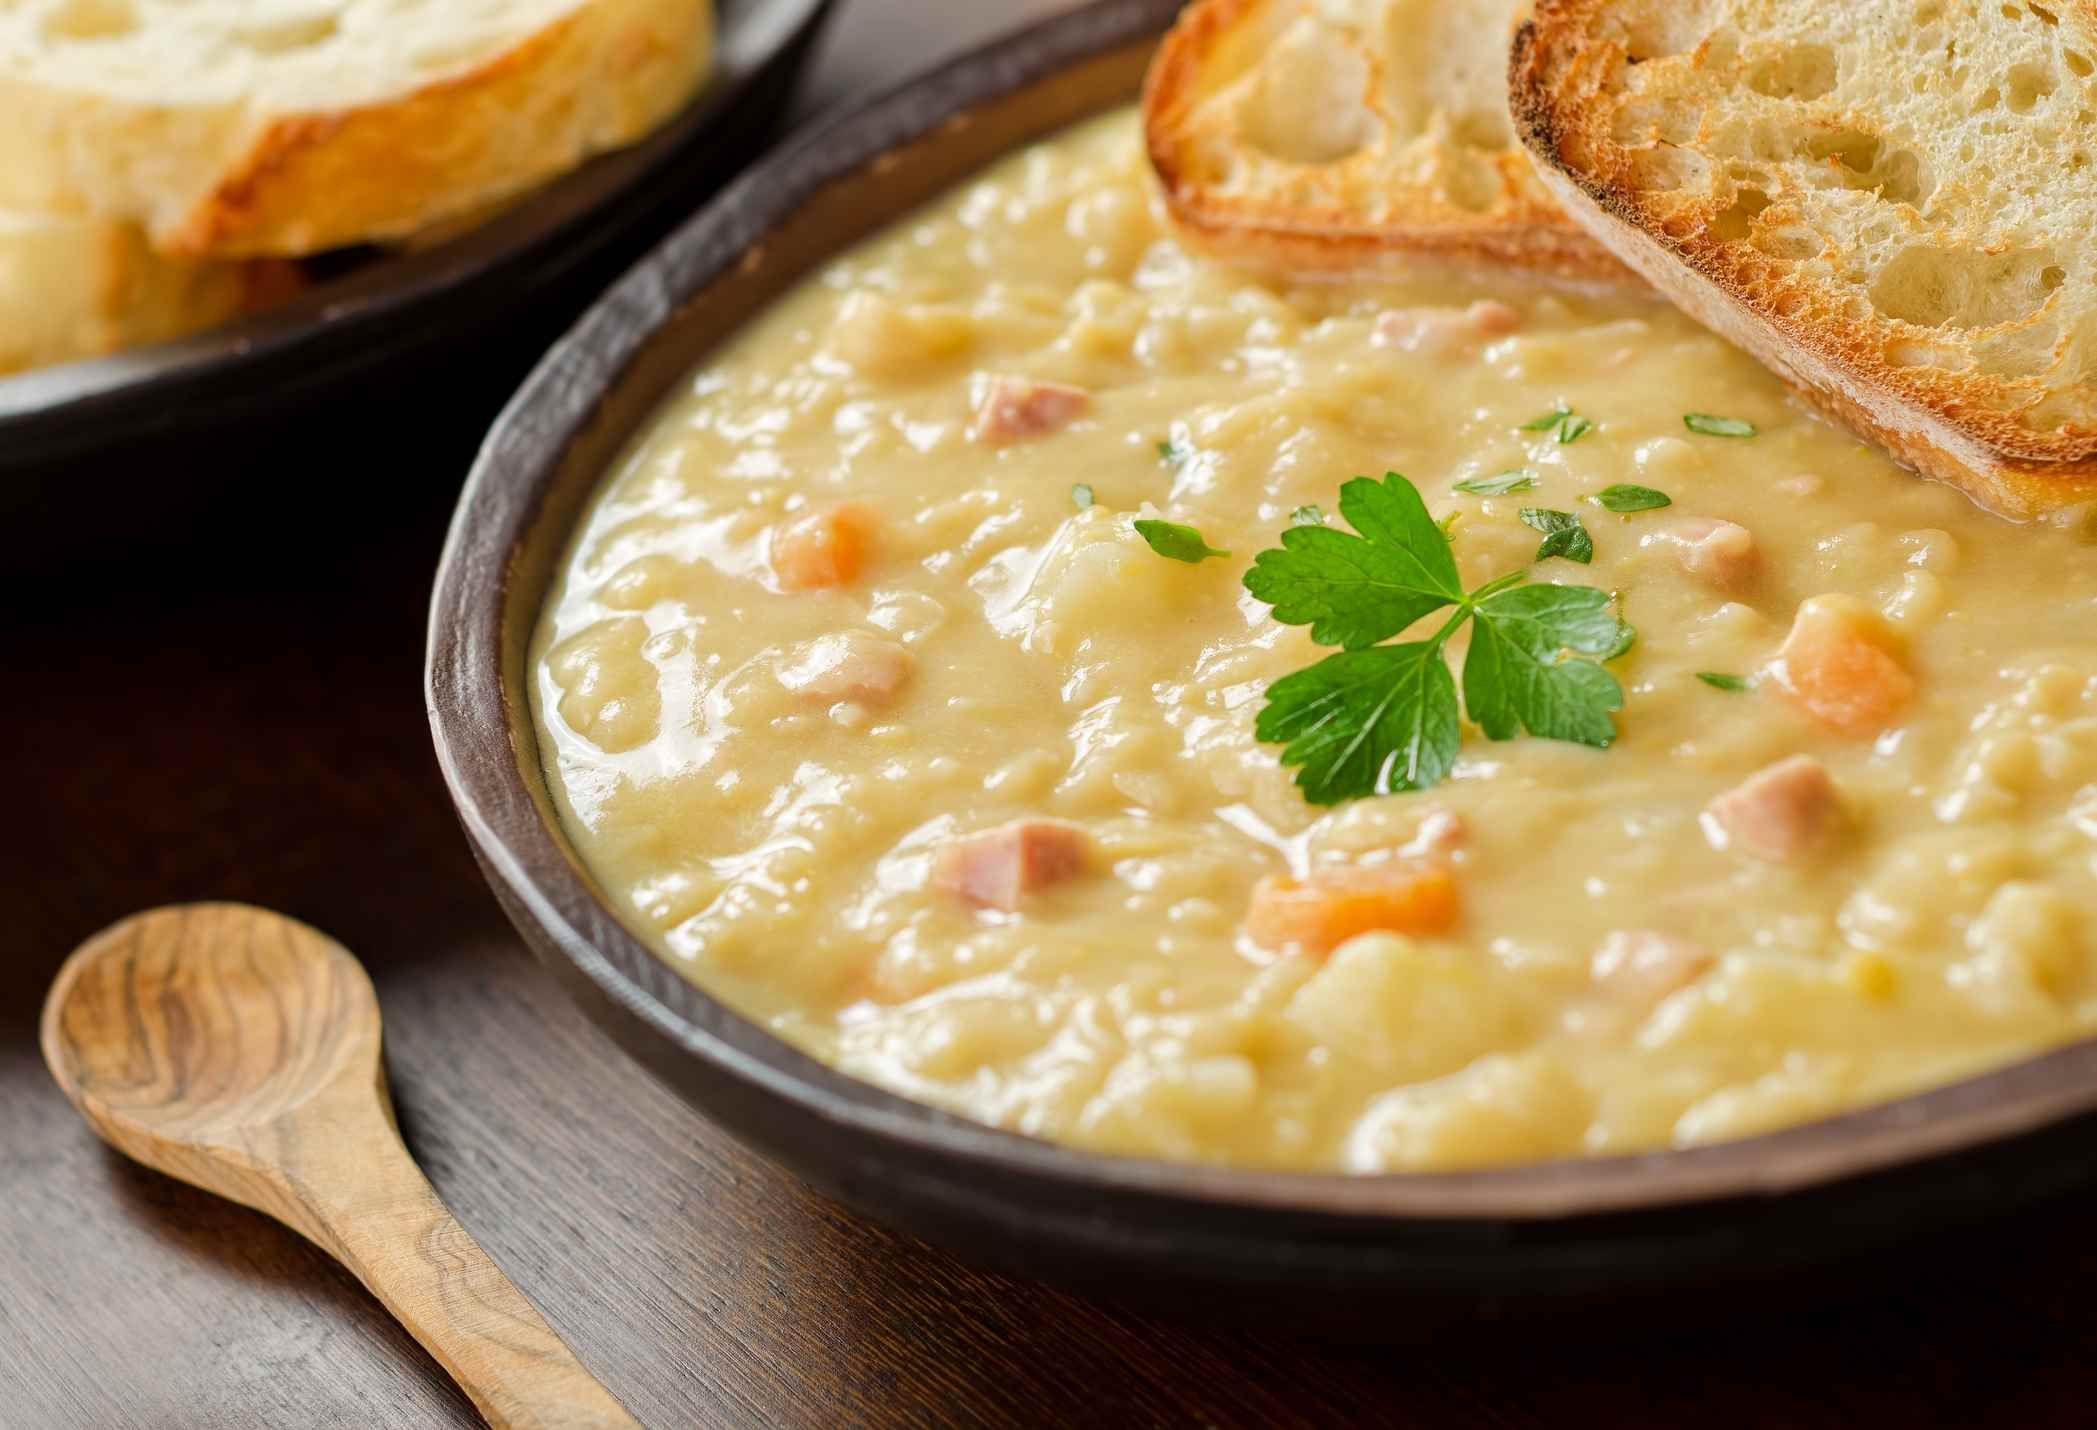 Un plato rústico de sopa de guisantes con jamón ahumado, zanahorias, papa y pan francés